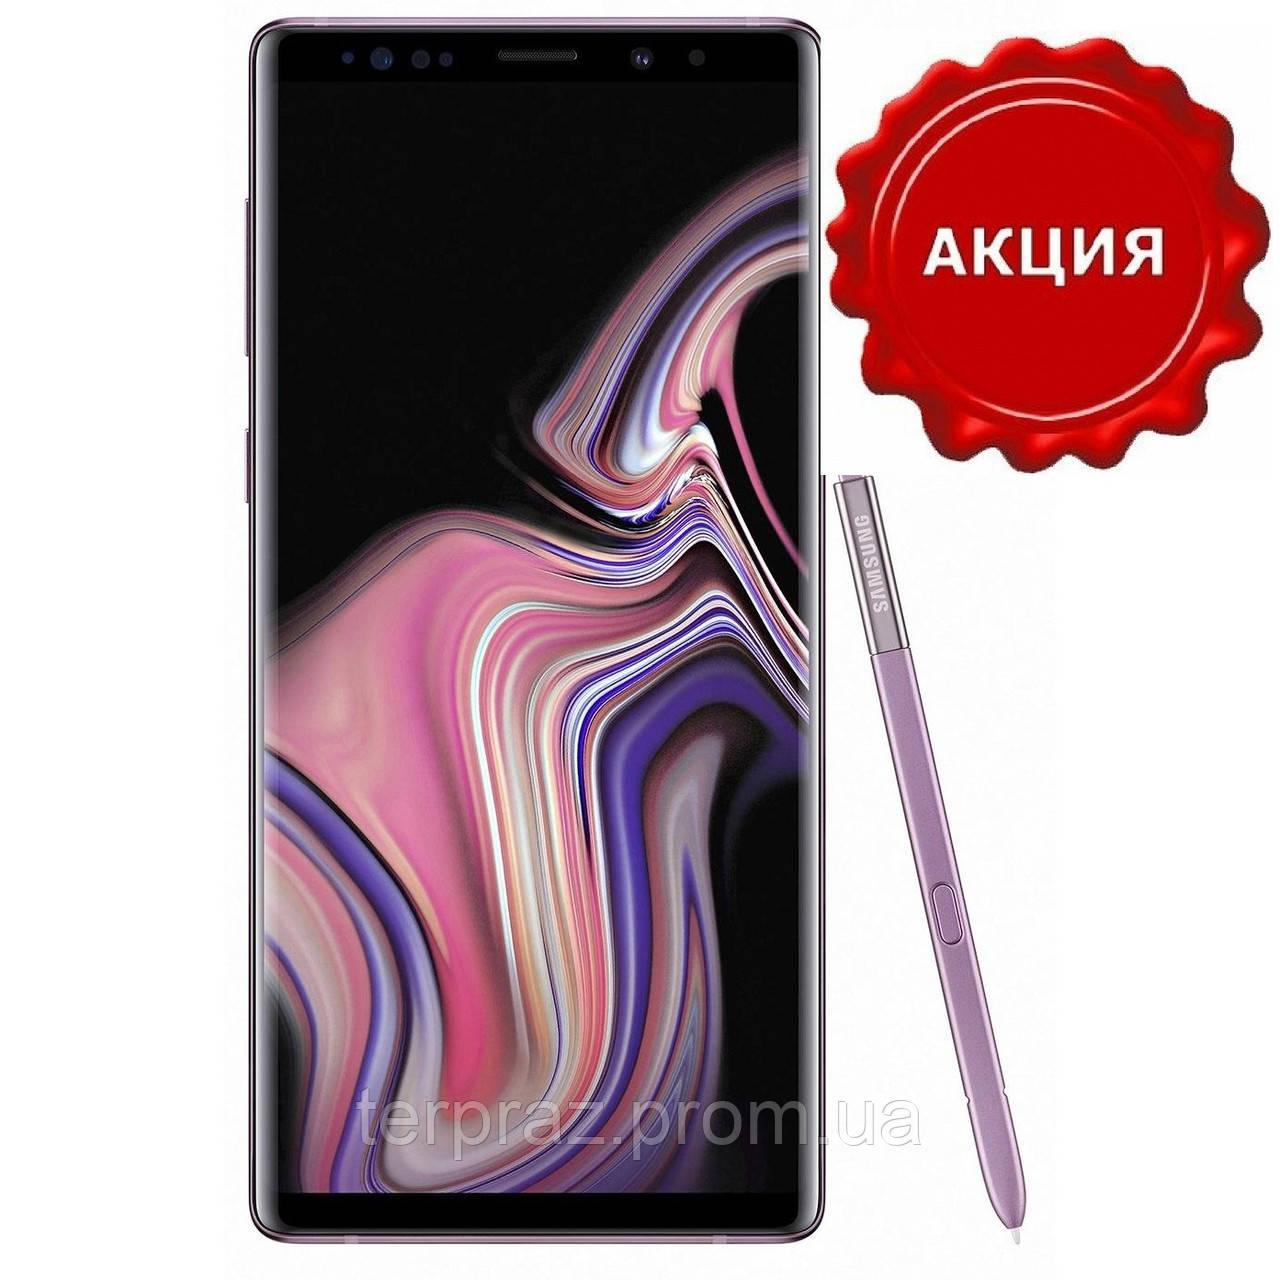 ✅Samsung Galaxy NOTE 9 2SIM SM-N960FD 6/128GB